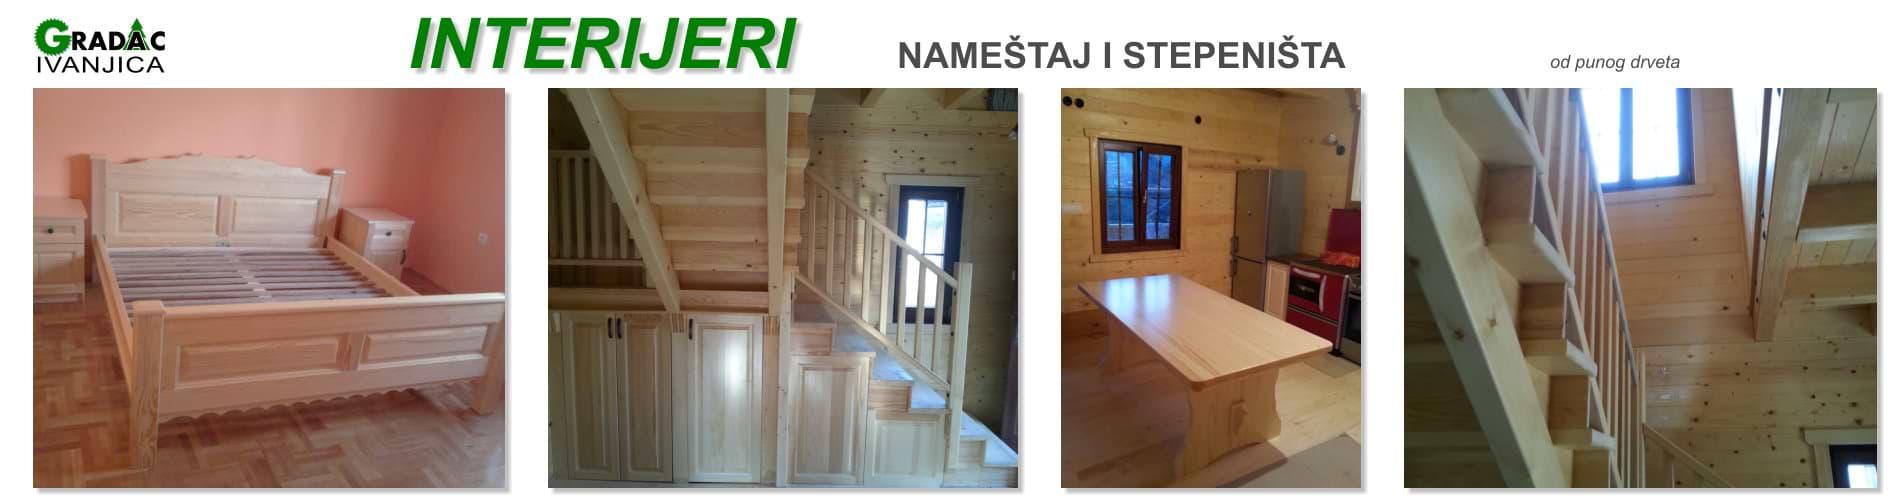 Namestaj i stepenice - stolarija Gradac Ivanjica